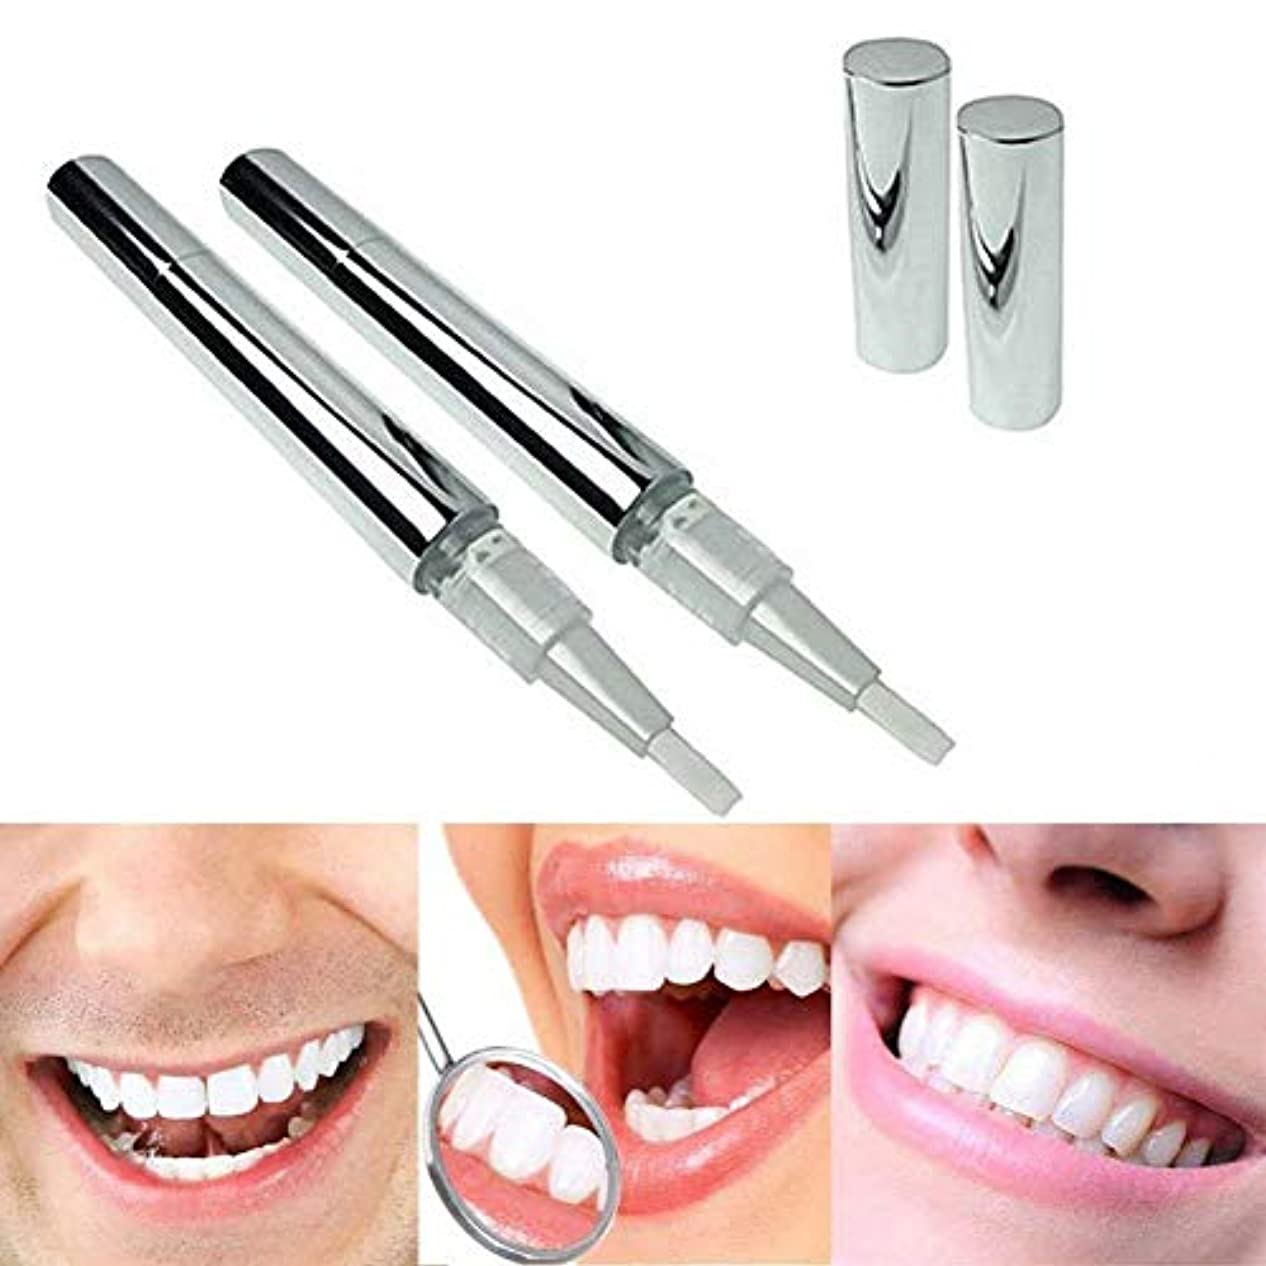 言及する留まる耐久Odette 美白歯ゲル 歯 ホワイトニングペン ホワイトニングペン 歯ブラシ 輝く笑顔 口臭防止 歯周病防止 2本 (01)